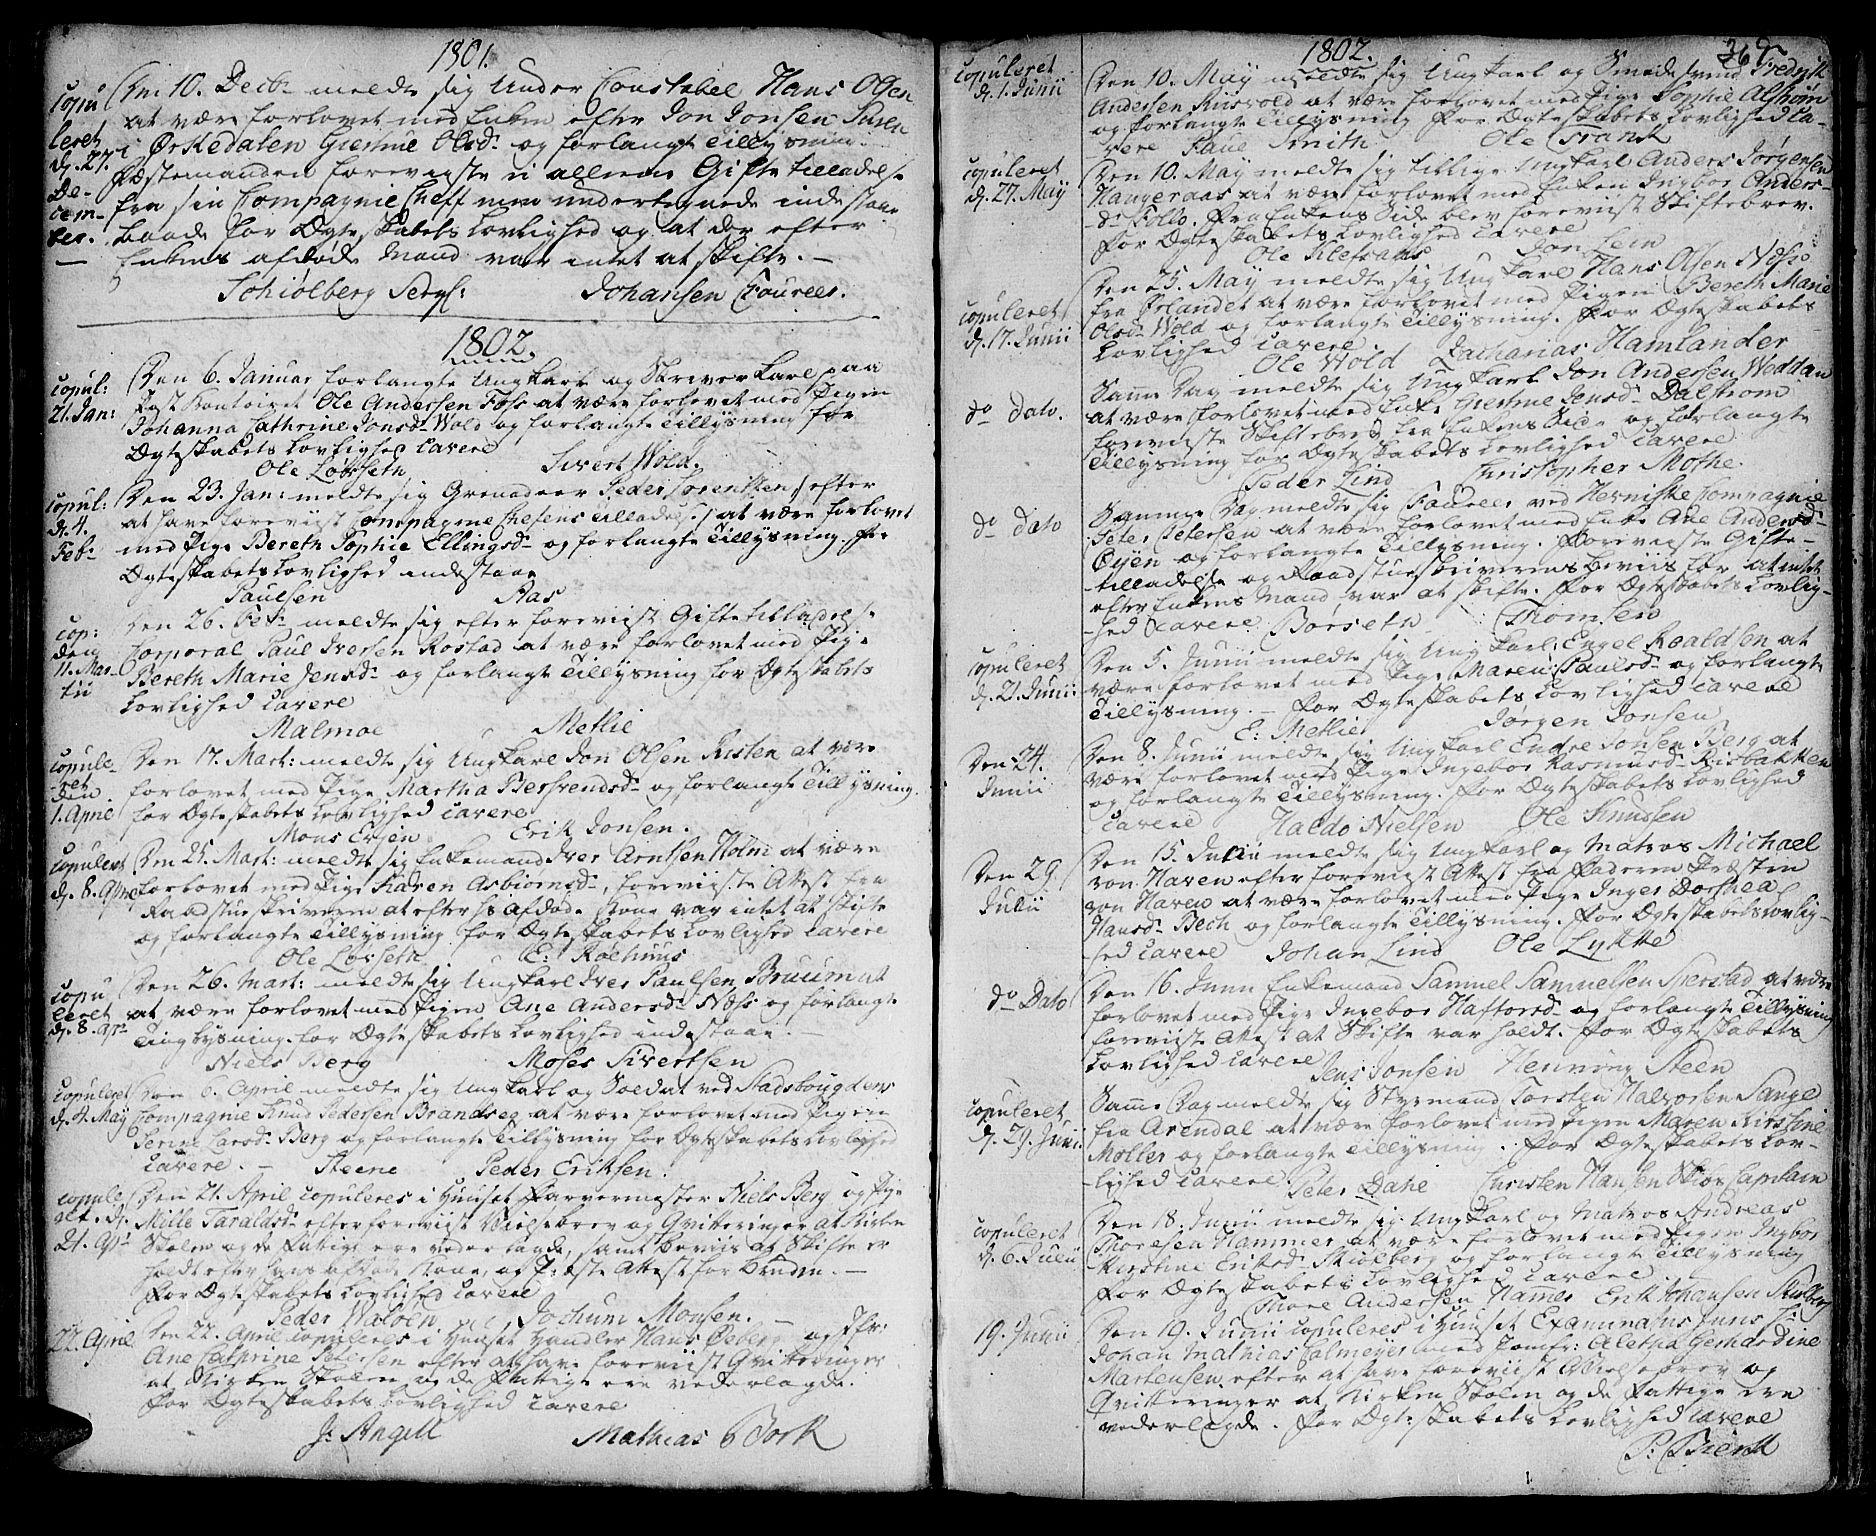 SAT, Ministerialprotokoller, klokkerbøker og fødselsregistre - Sør-Trøndelag, 601/L0038: Ministerialbok nr. 601A06, 1766-1877, s. 369